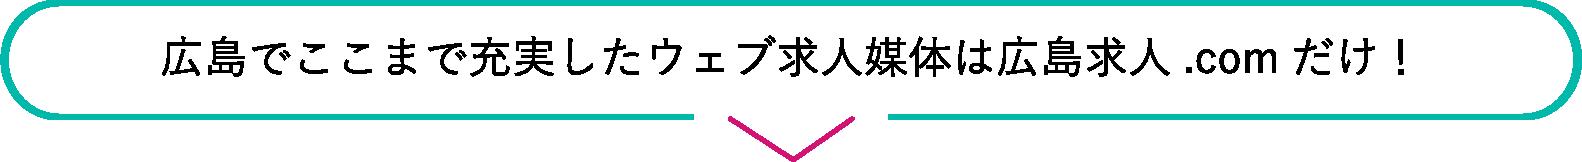 広島でここまで充実したウェブ求人媒体は広島求人.comだけ!